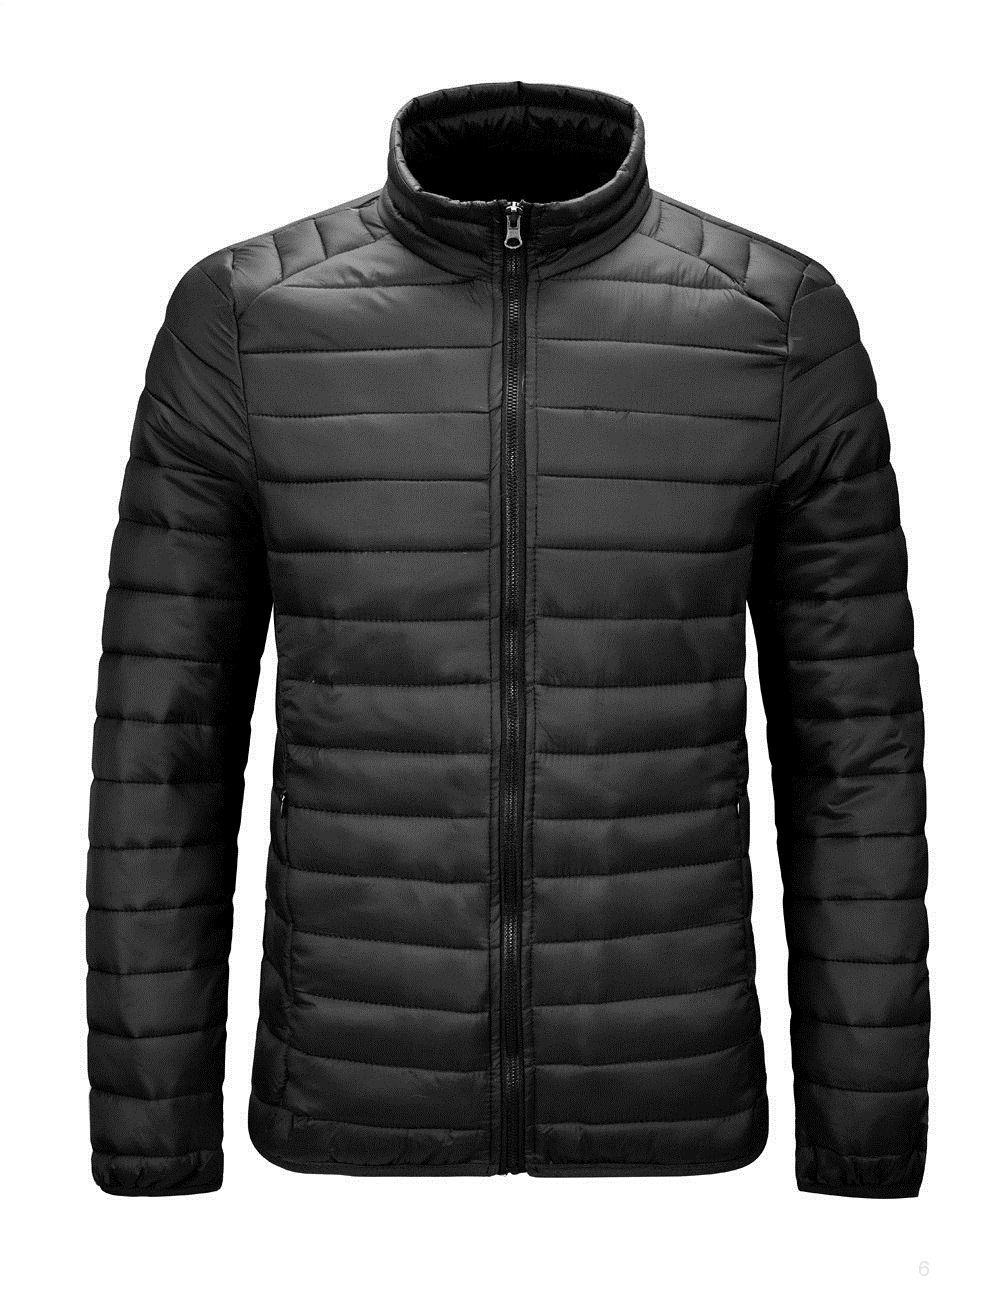 inverno quente ao ar livre jaqueta venda quente da moda 7LLIAab dos homens